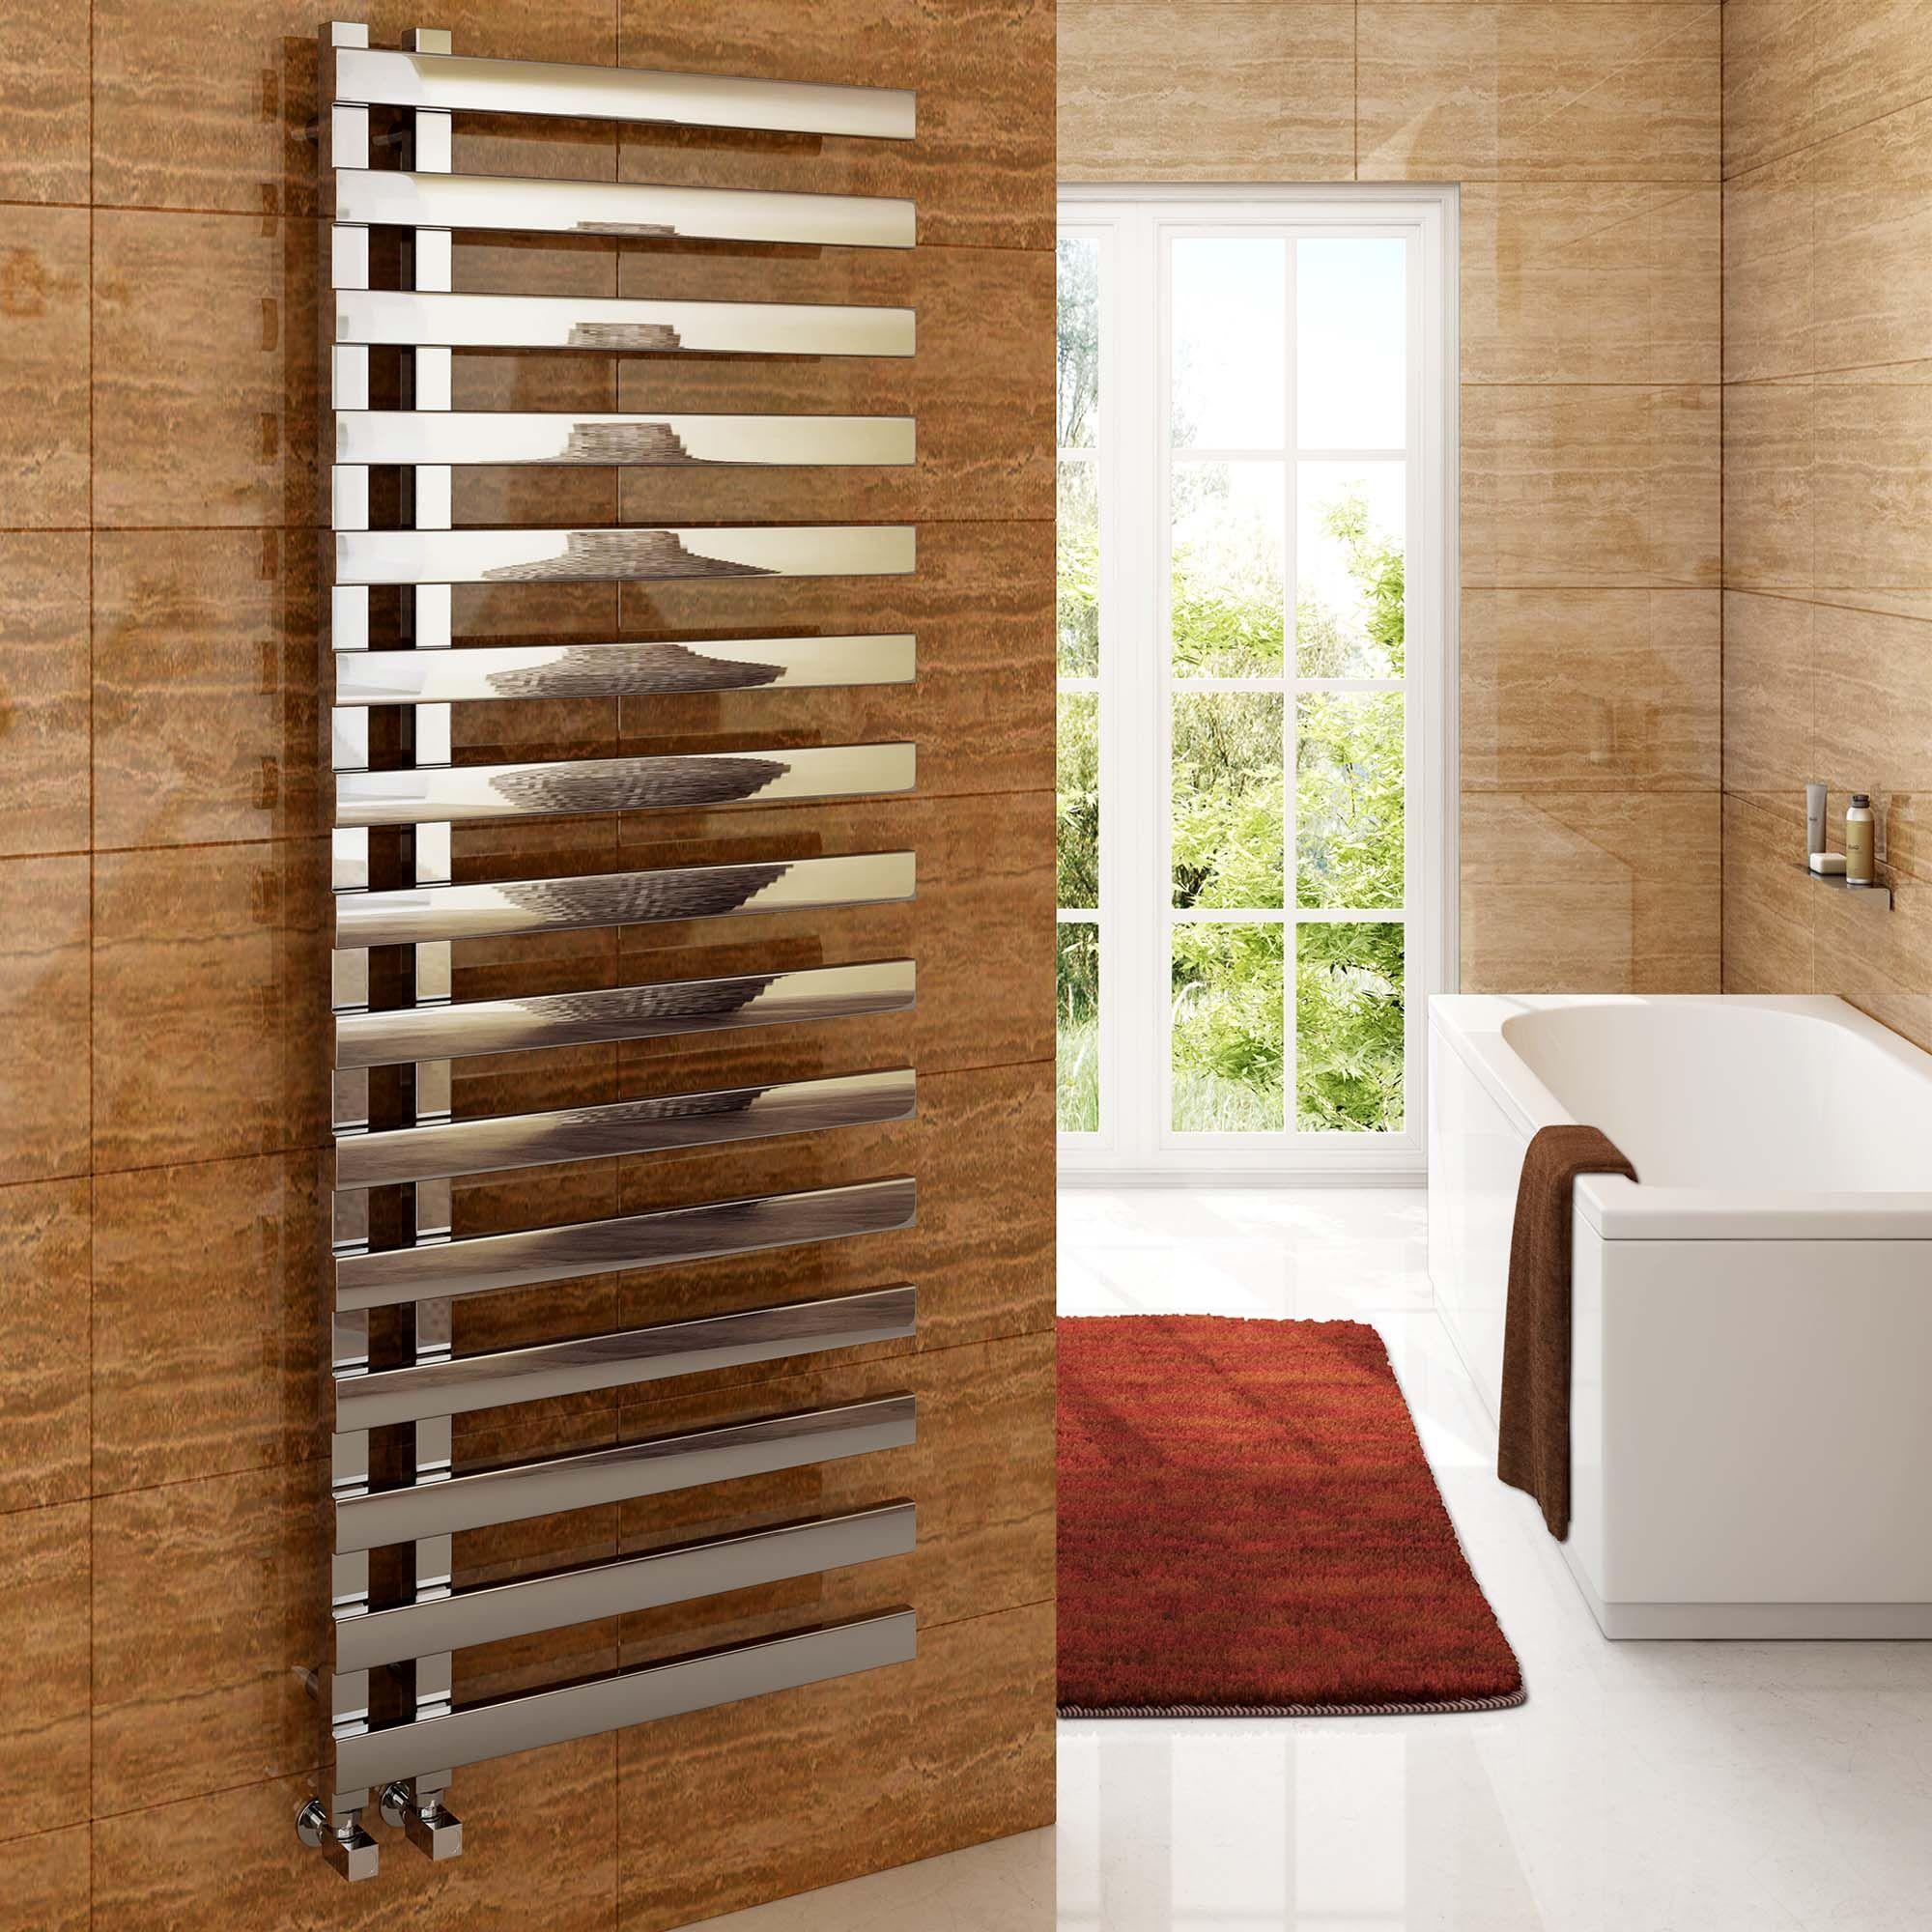 towel radiator bathroom radiators towel rail radiator. Black Bedroom Furniture Sets. Home Design Ideas